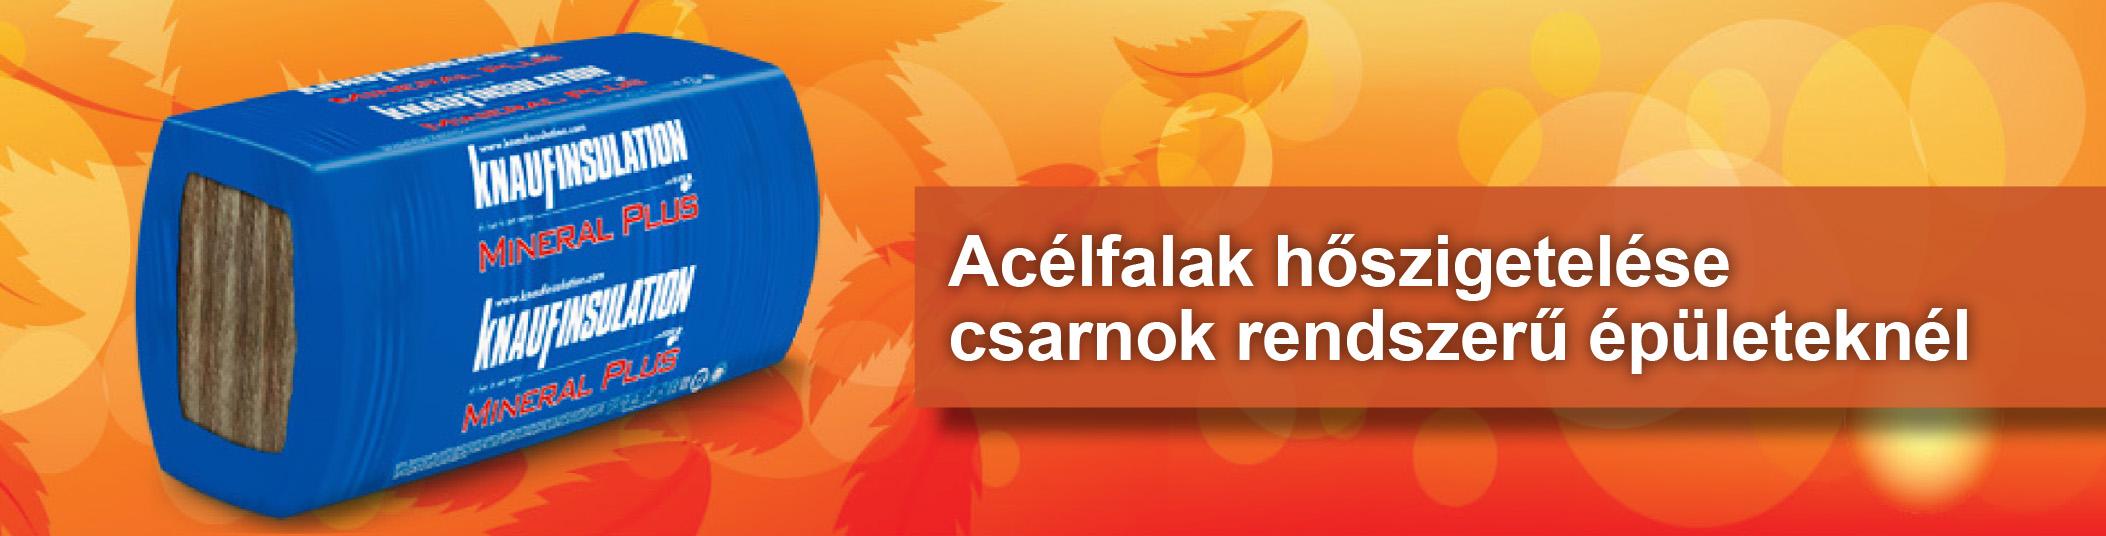 acelfalak_1